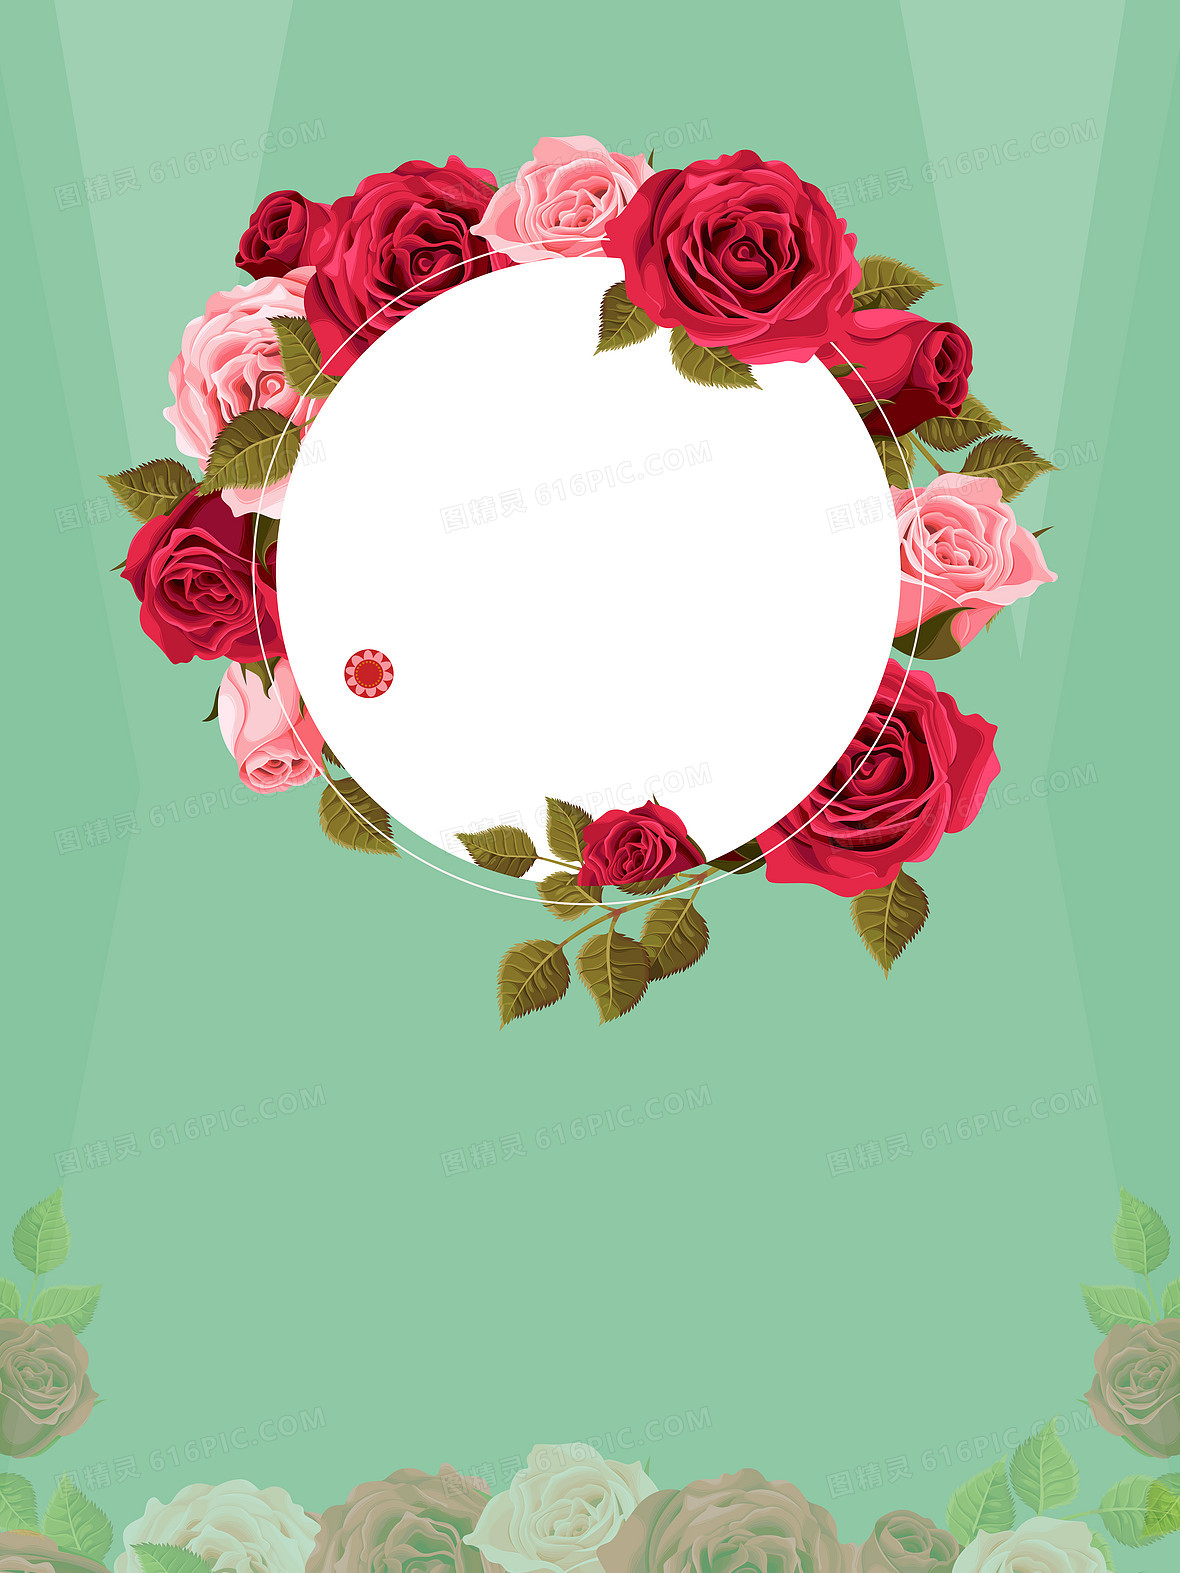 浪漫38妇女节促销宣传海报背景素材